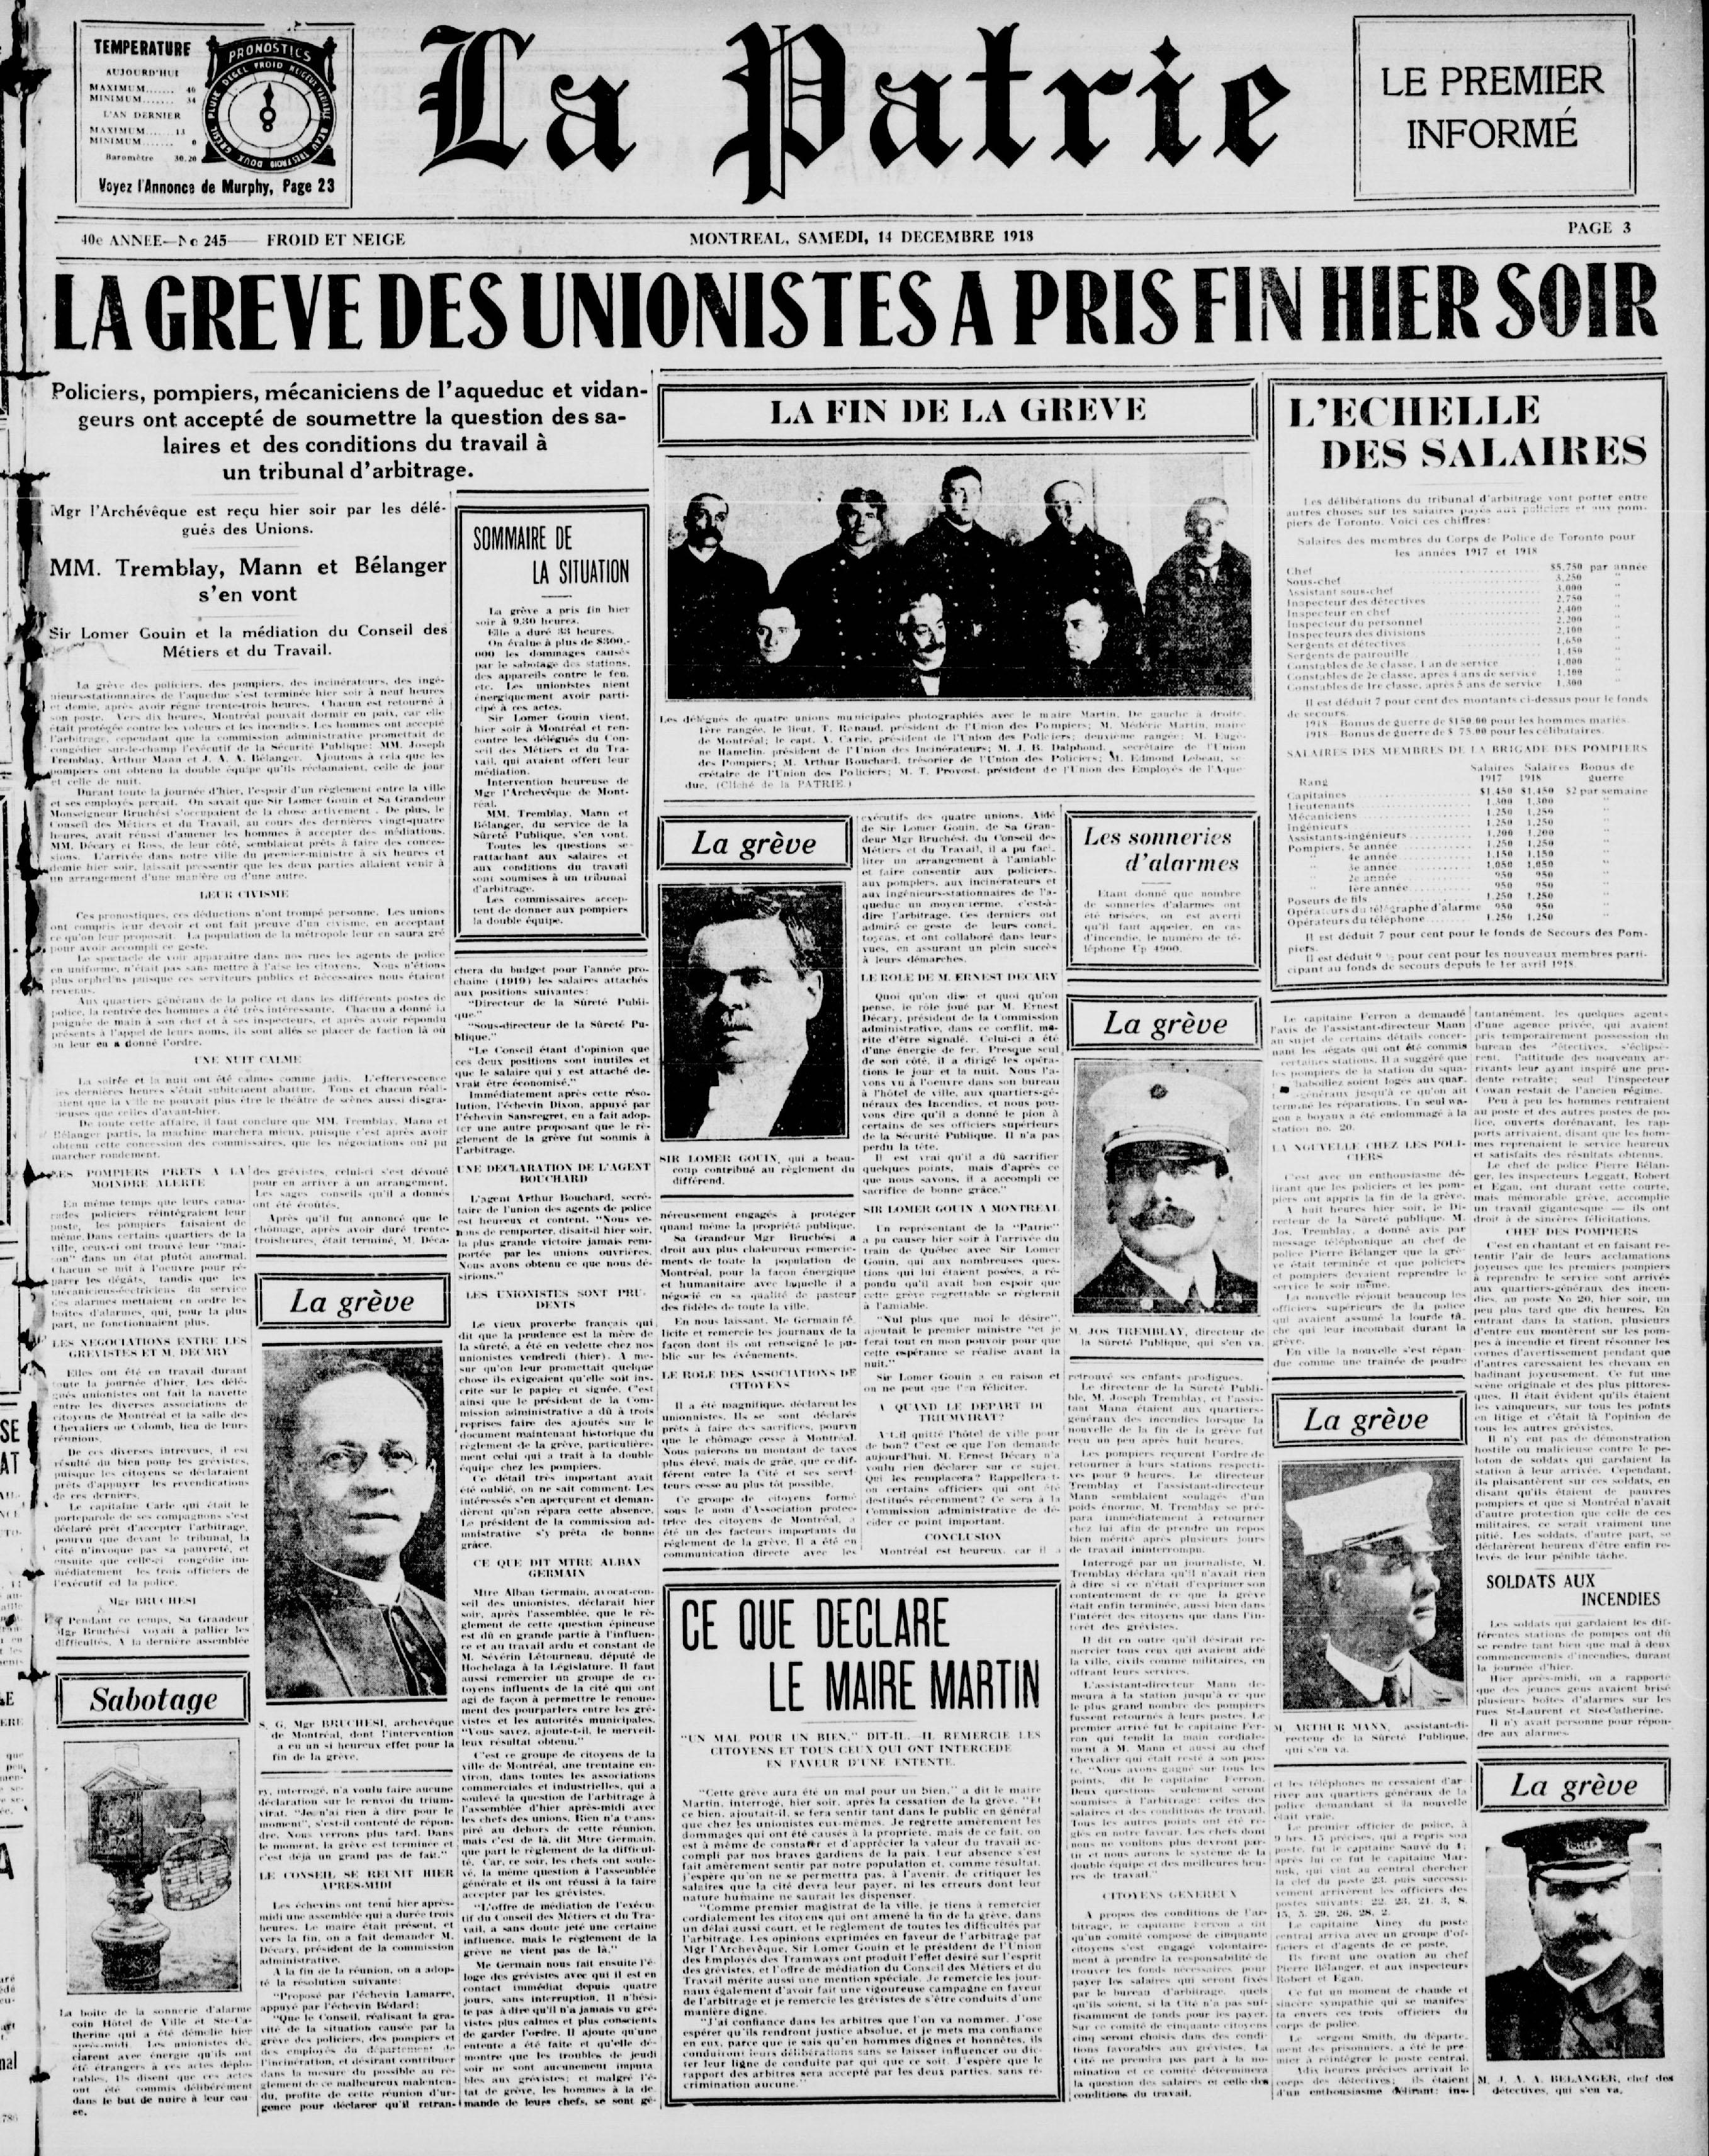 """Une du journal La Patrie du 14 décembre 1918 avec en titre """"La grève des unionistes a pris fin hier soir""""."""